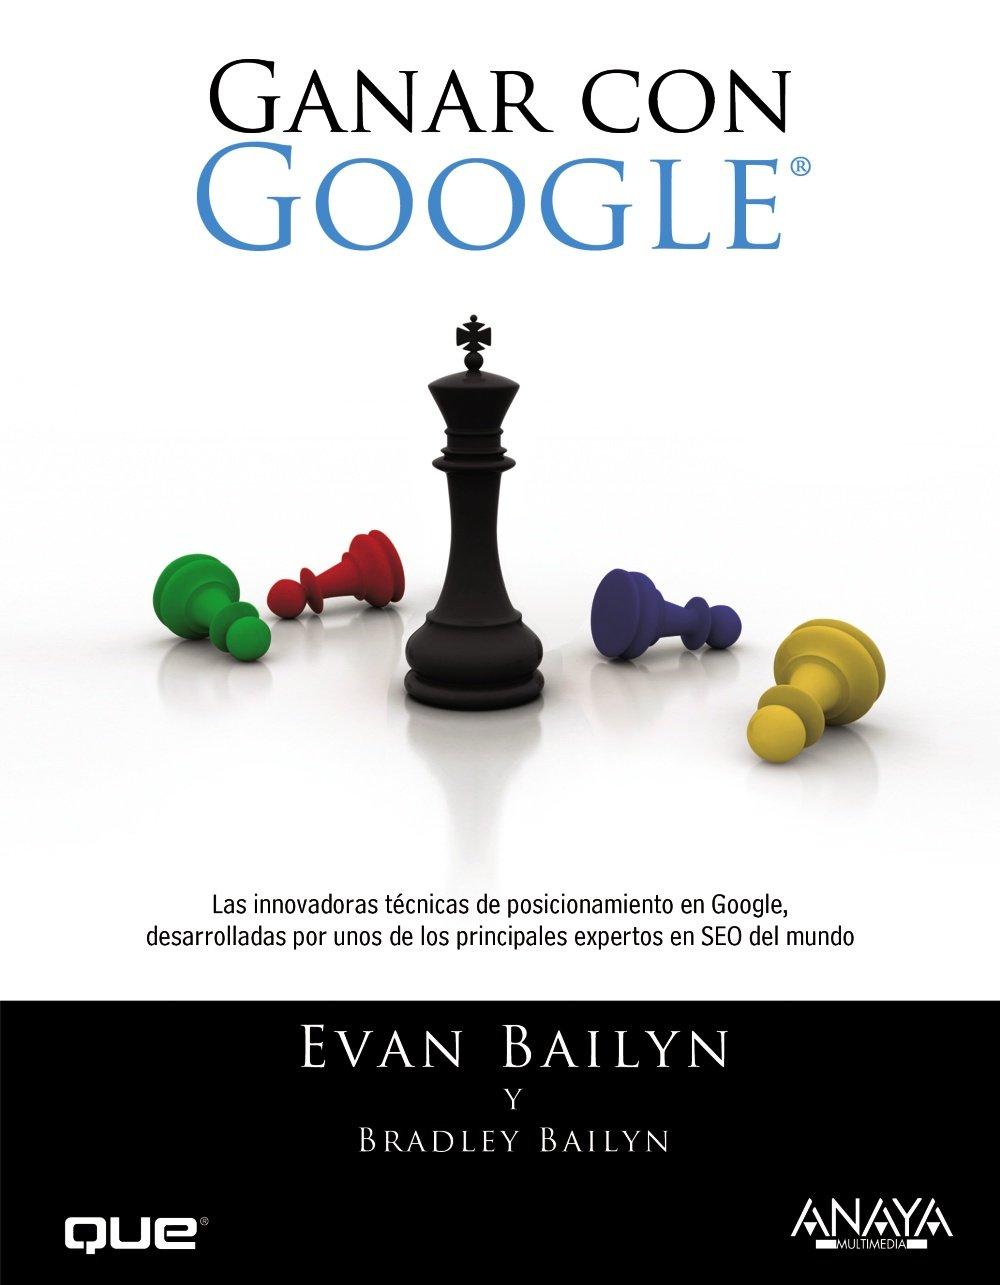 Ganar con Google (Títulos Especiales): Amazon.es: Bailyn, Bradley, Bailyn, Evan: Libros